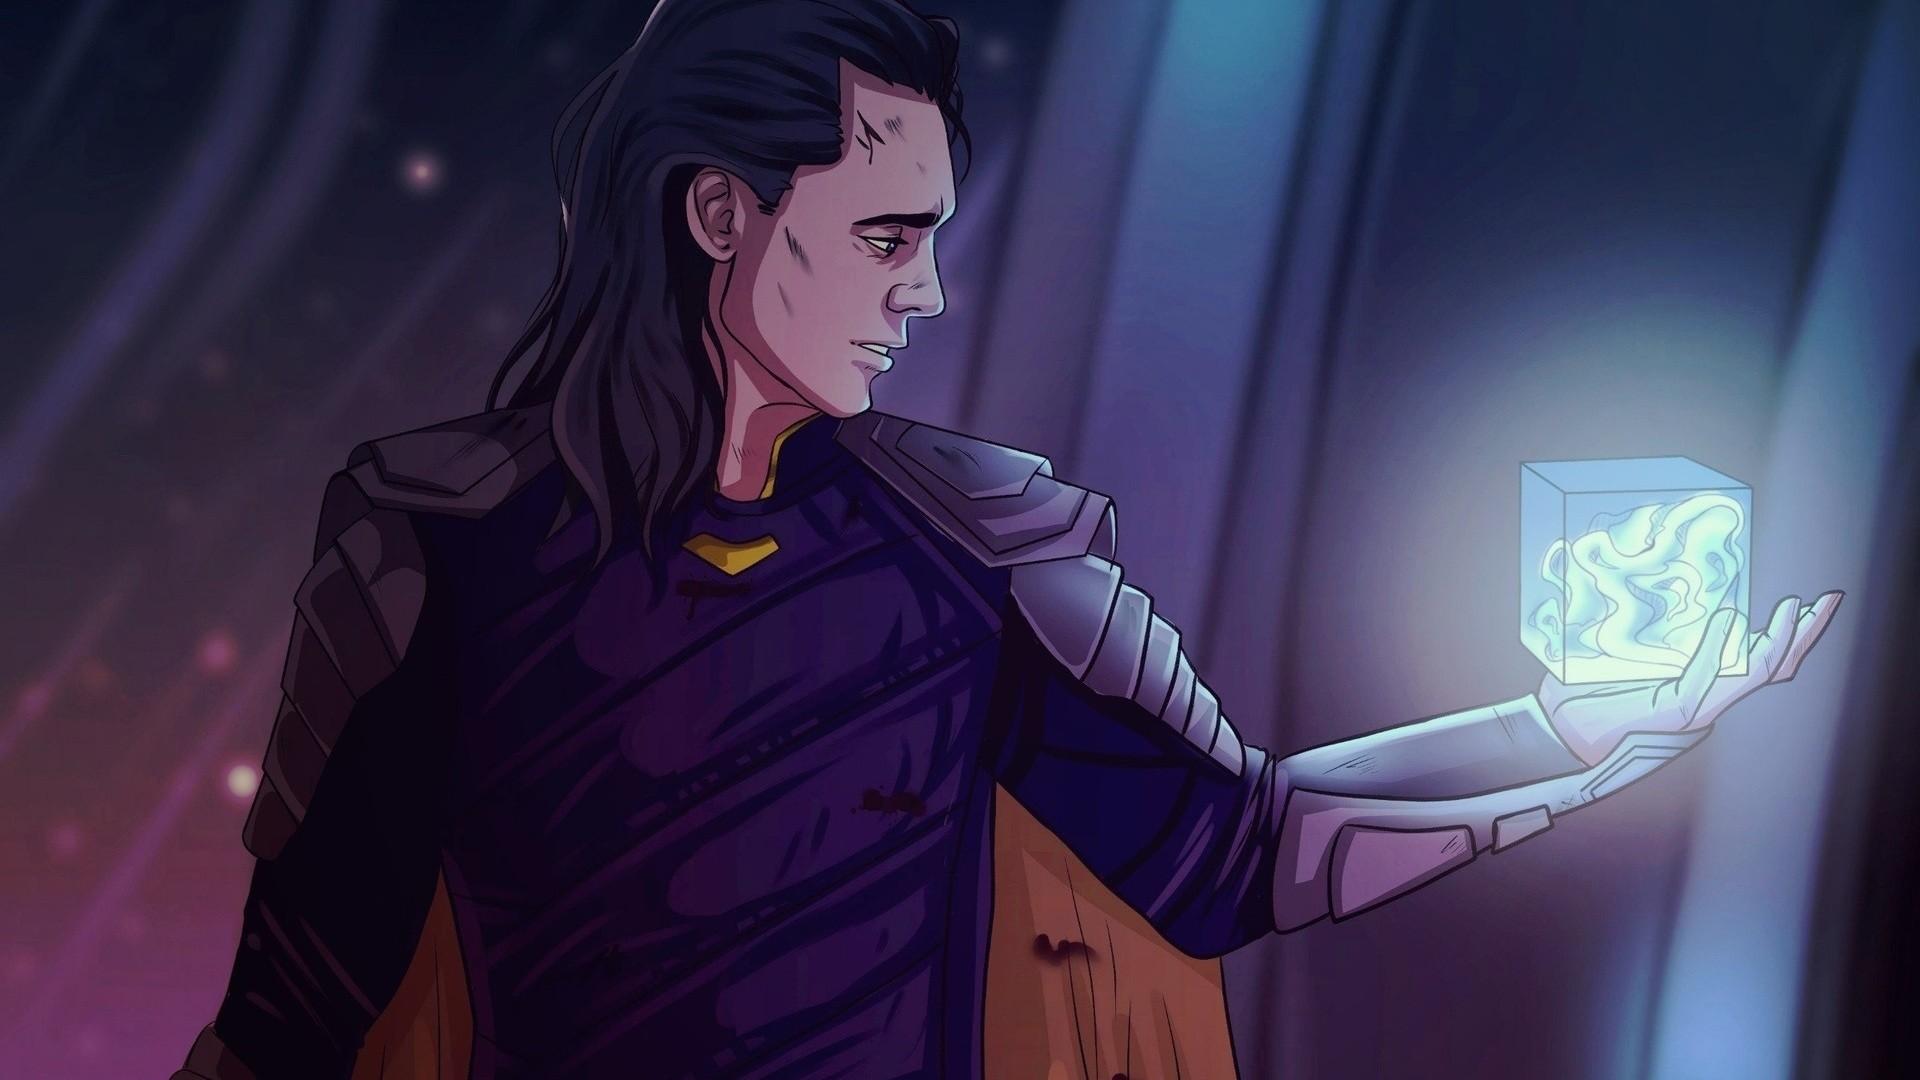 Loki PC Wallpaper